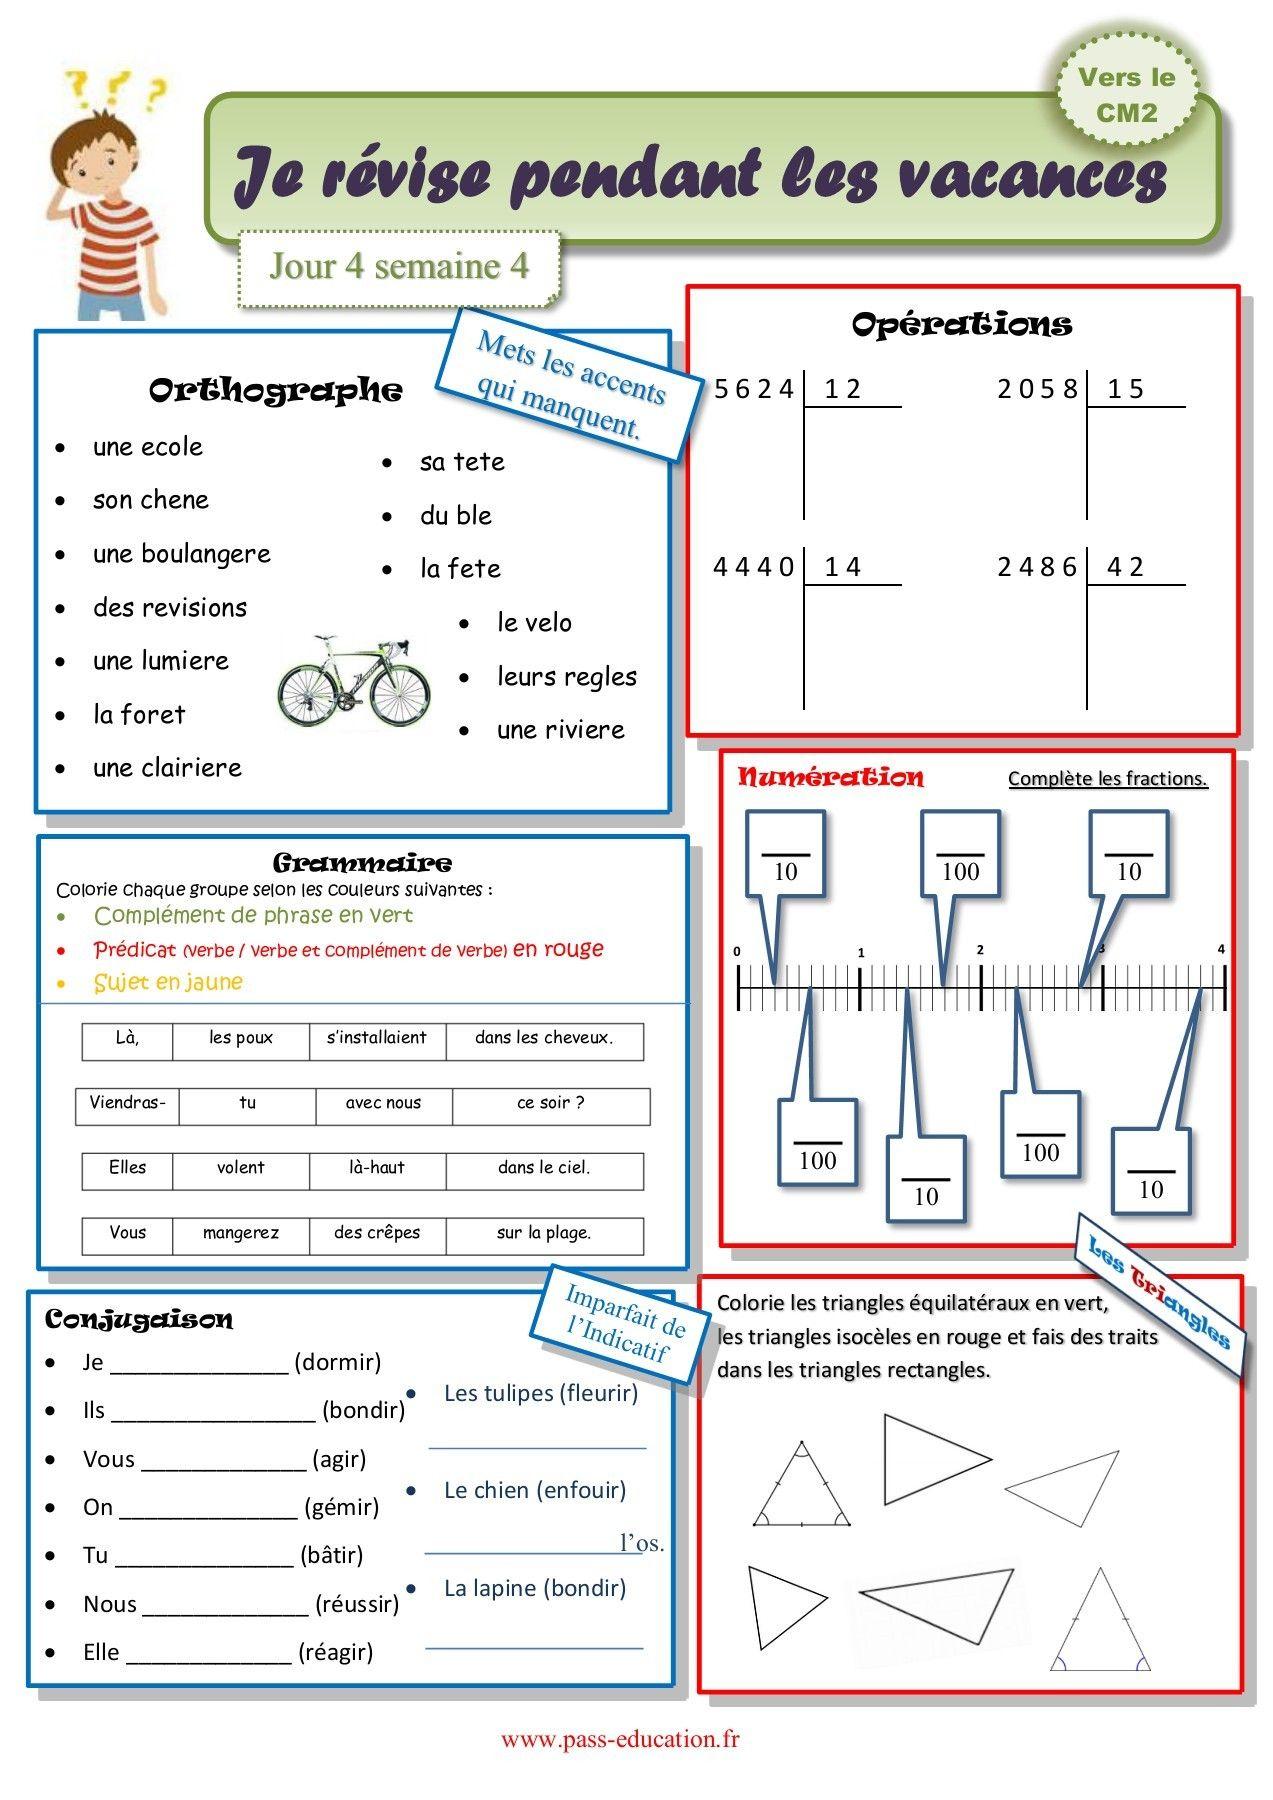 Cahier De Vacances Gratuit A Imprimer Cm1 Vers Le Cm2 Juillet Cahier De Vacances Gratuit Cahier De Vacances Exercice Math Cm1